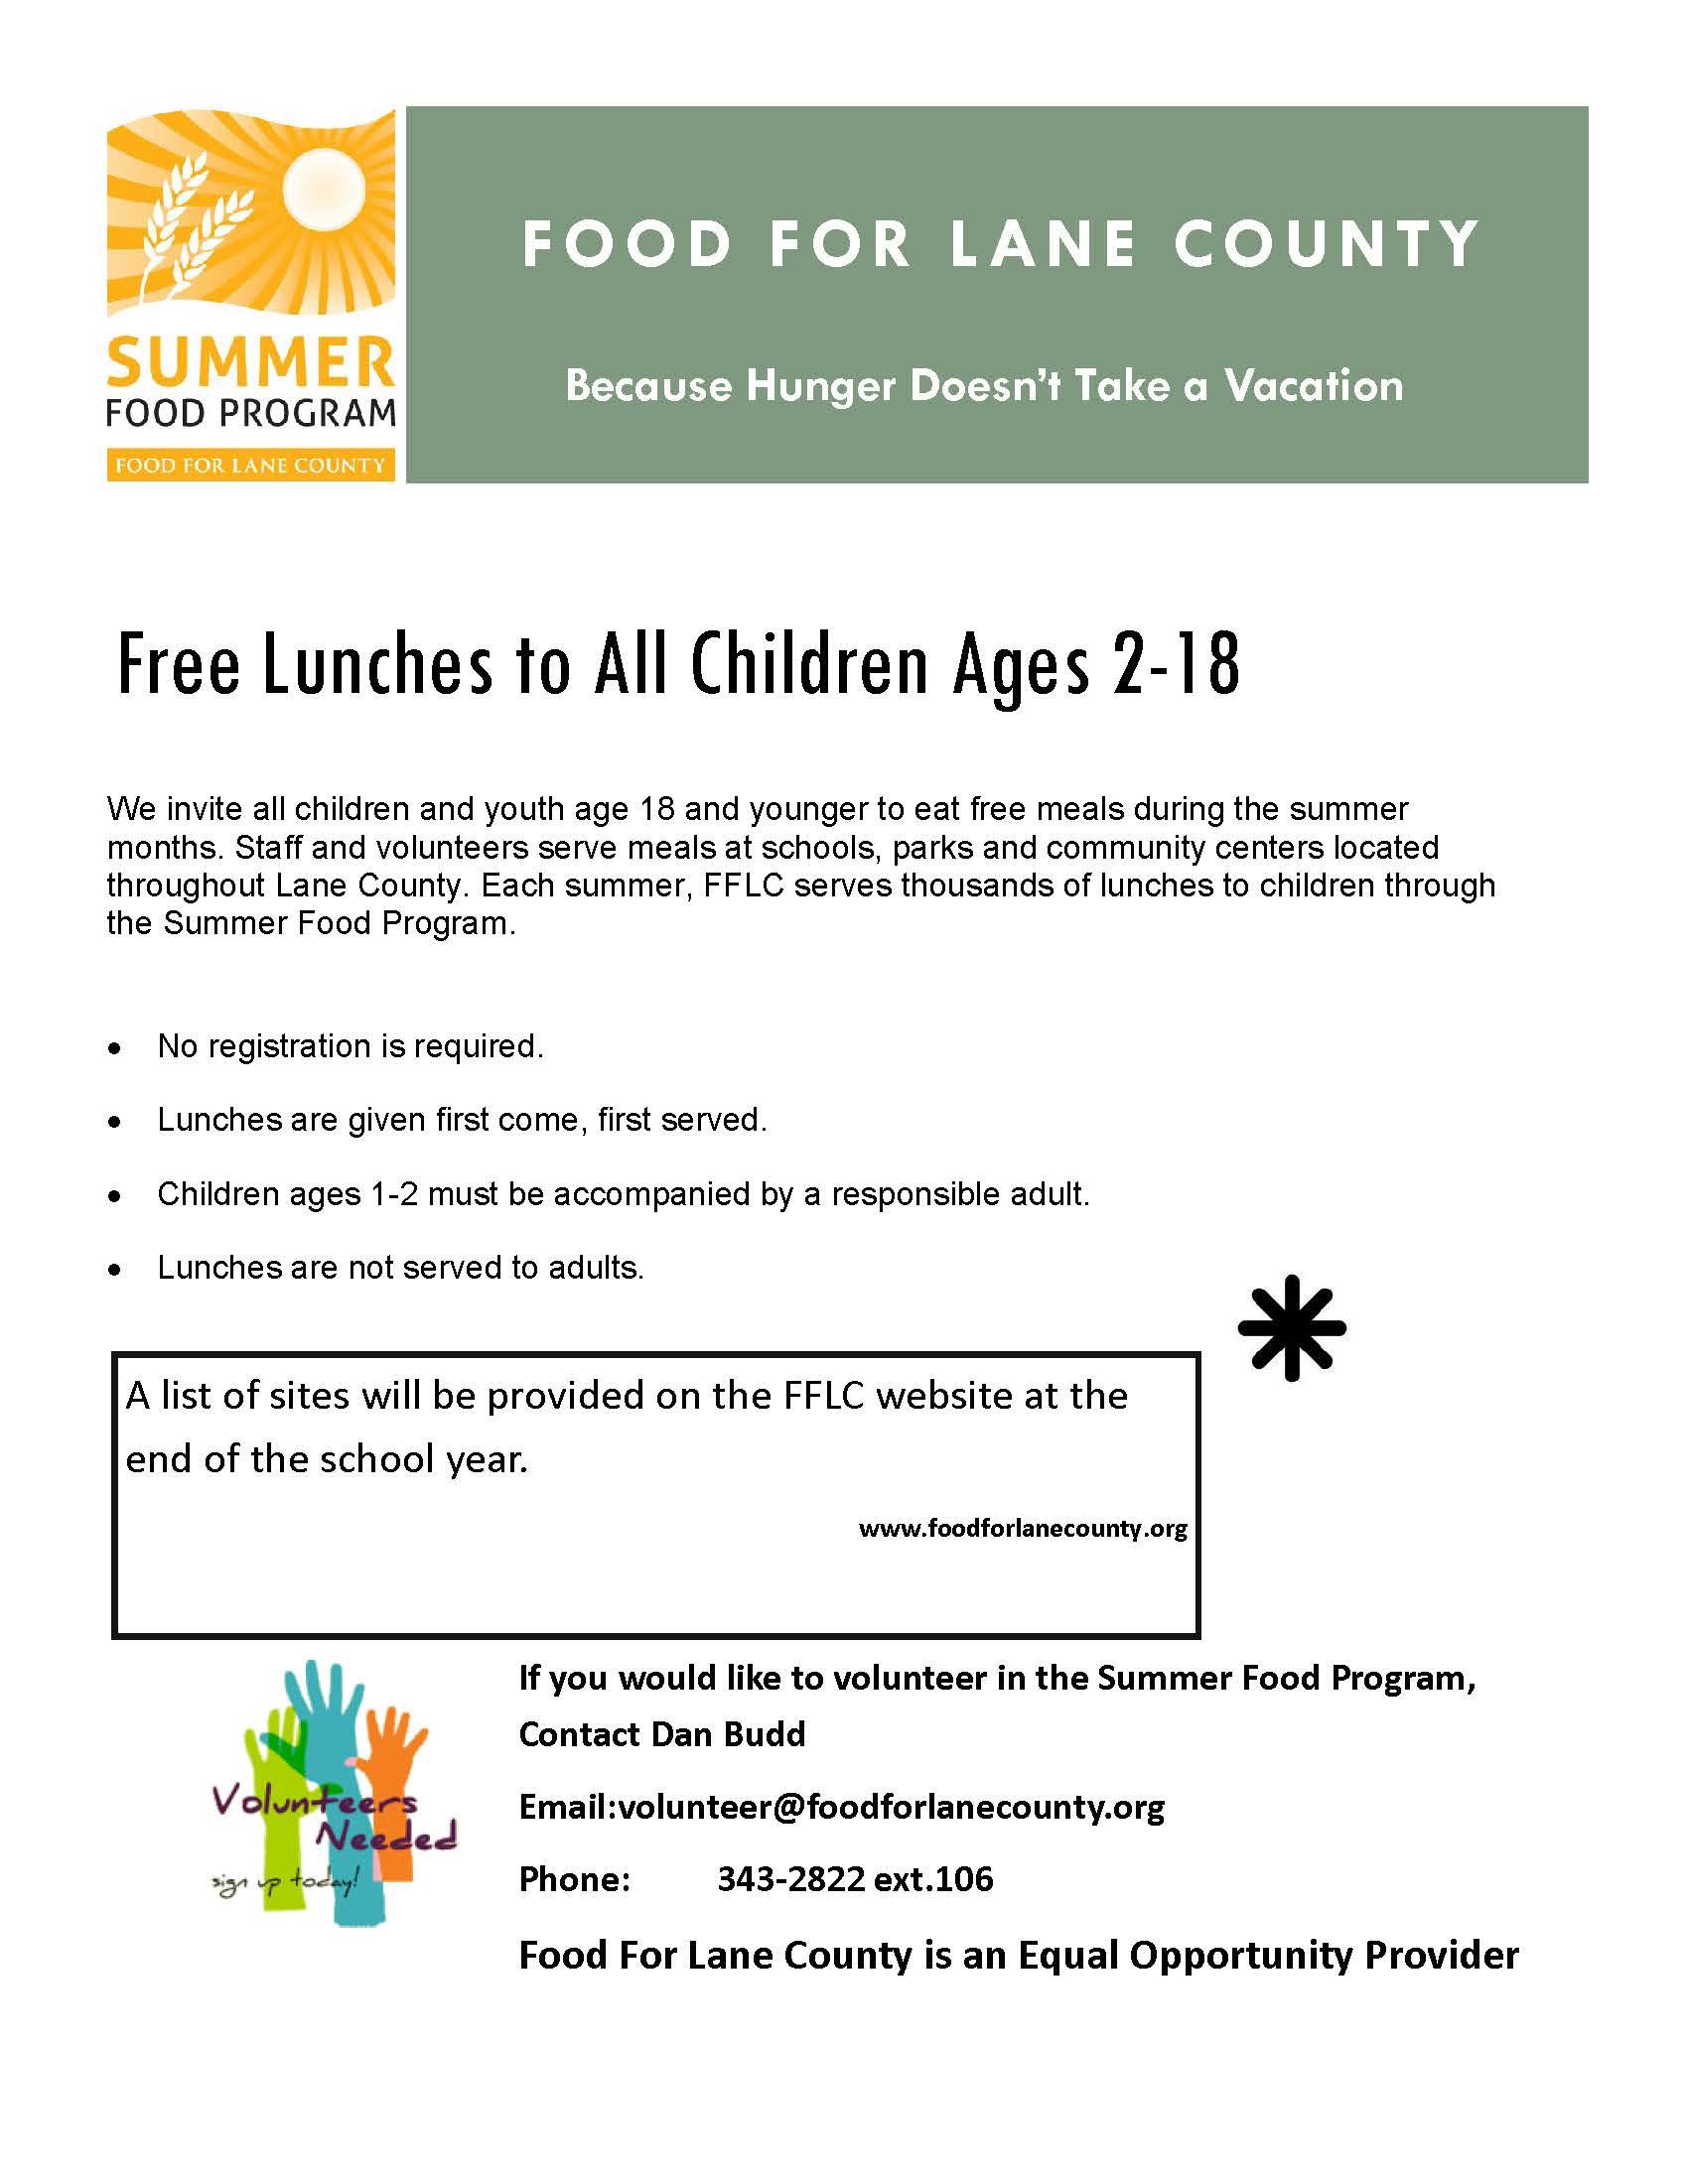 FFLC summer lunch_Page_1